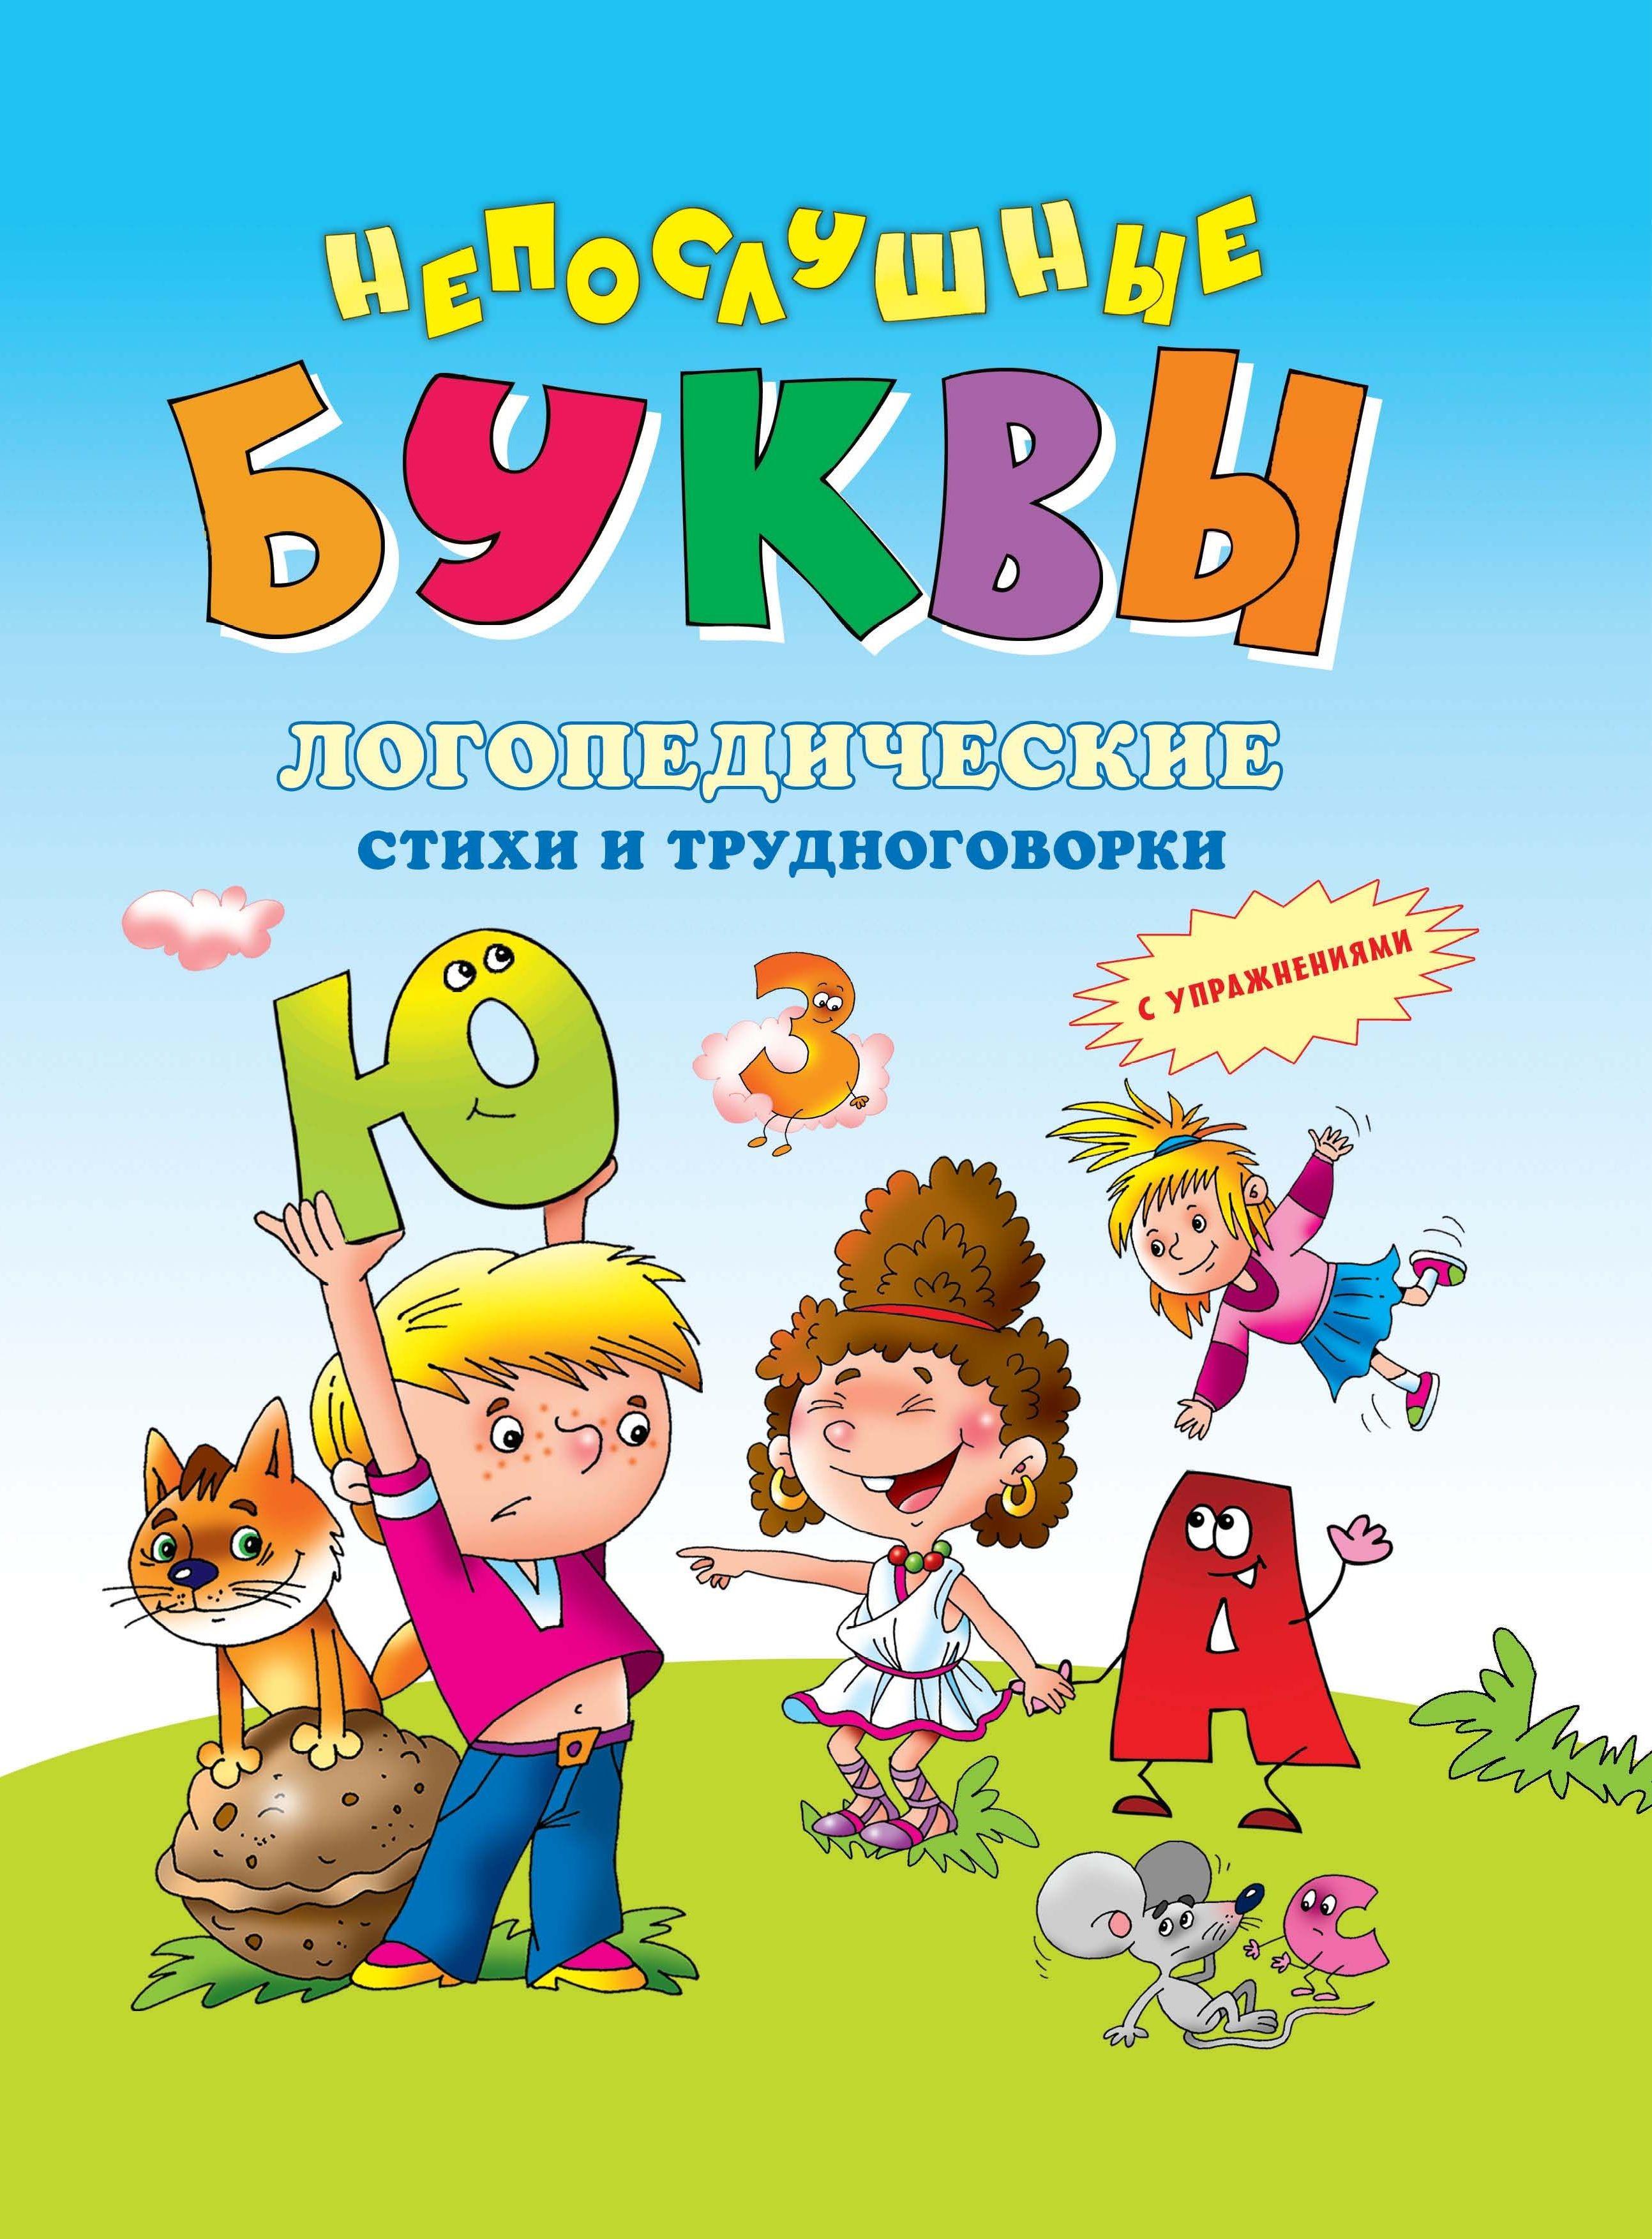 http://onyx.ru/wp-content/uploads/2017/08/непослушные-буквы..jpg